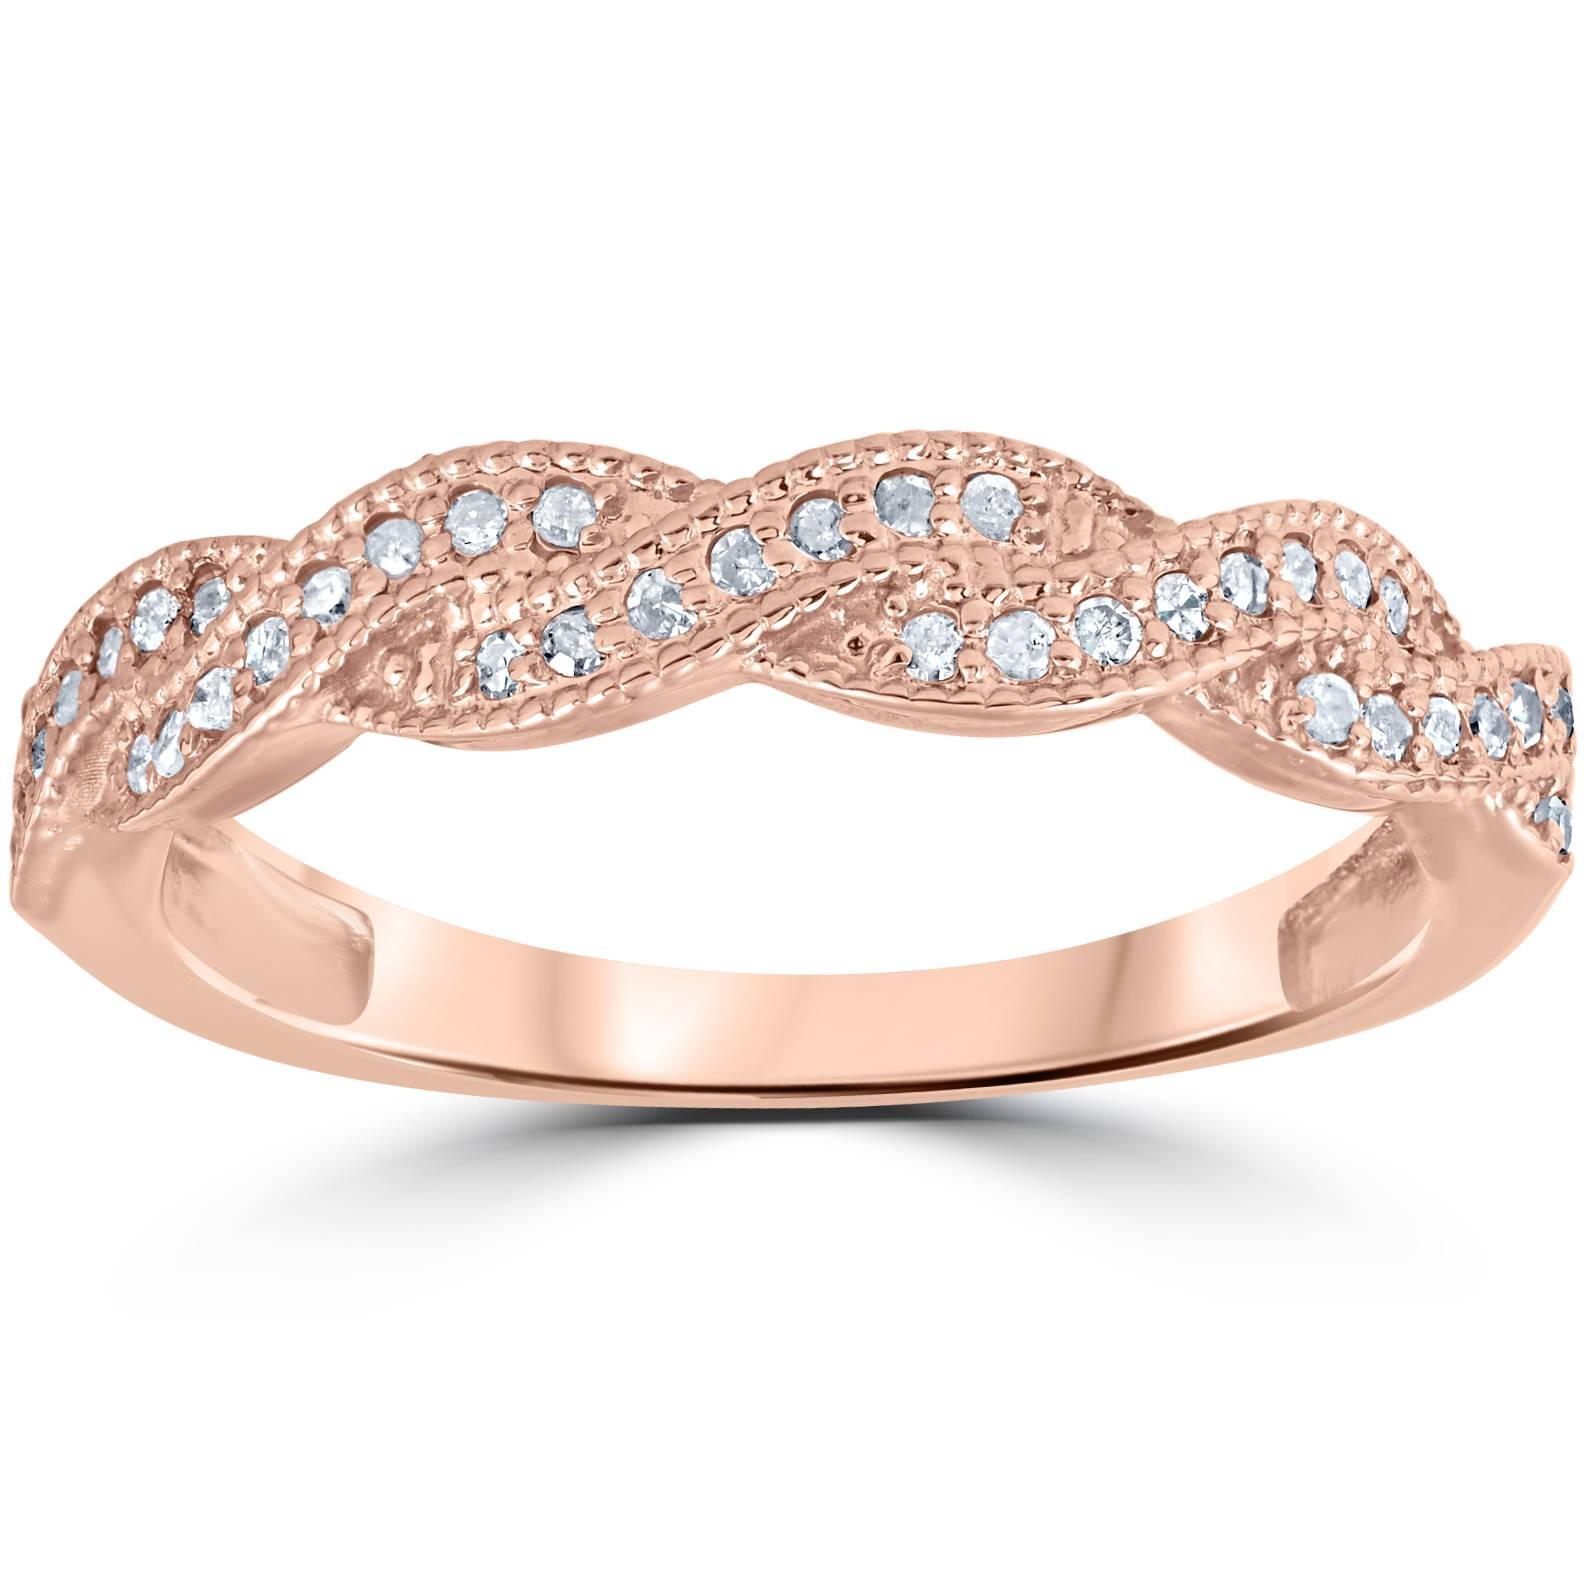 1 8ct pave diamond wedding ring 14k rose gold ebay. Black Bedroom Furniture Sets. Home Design Ideas